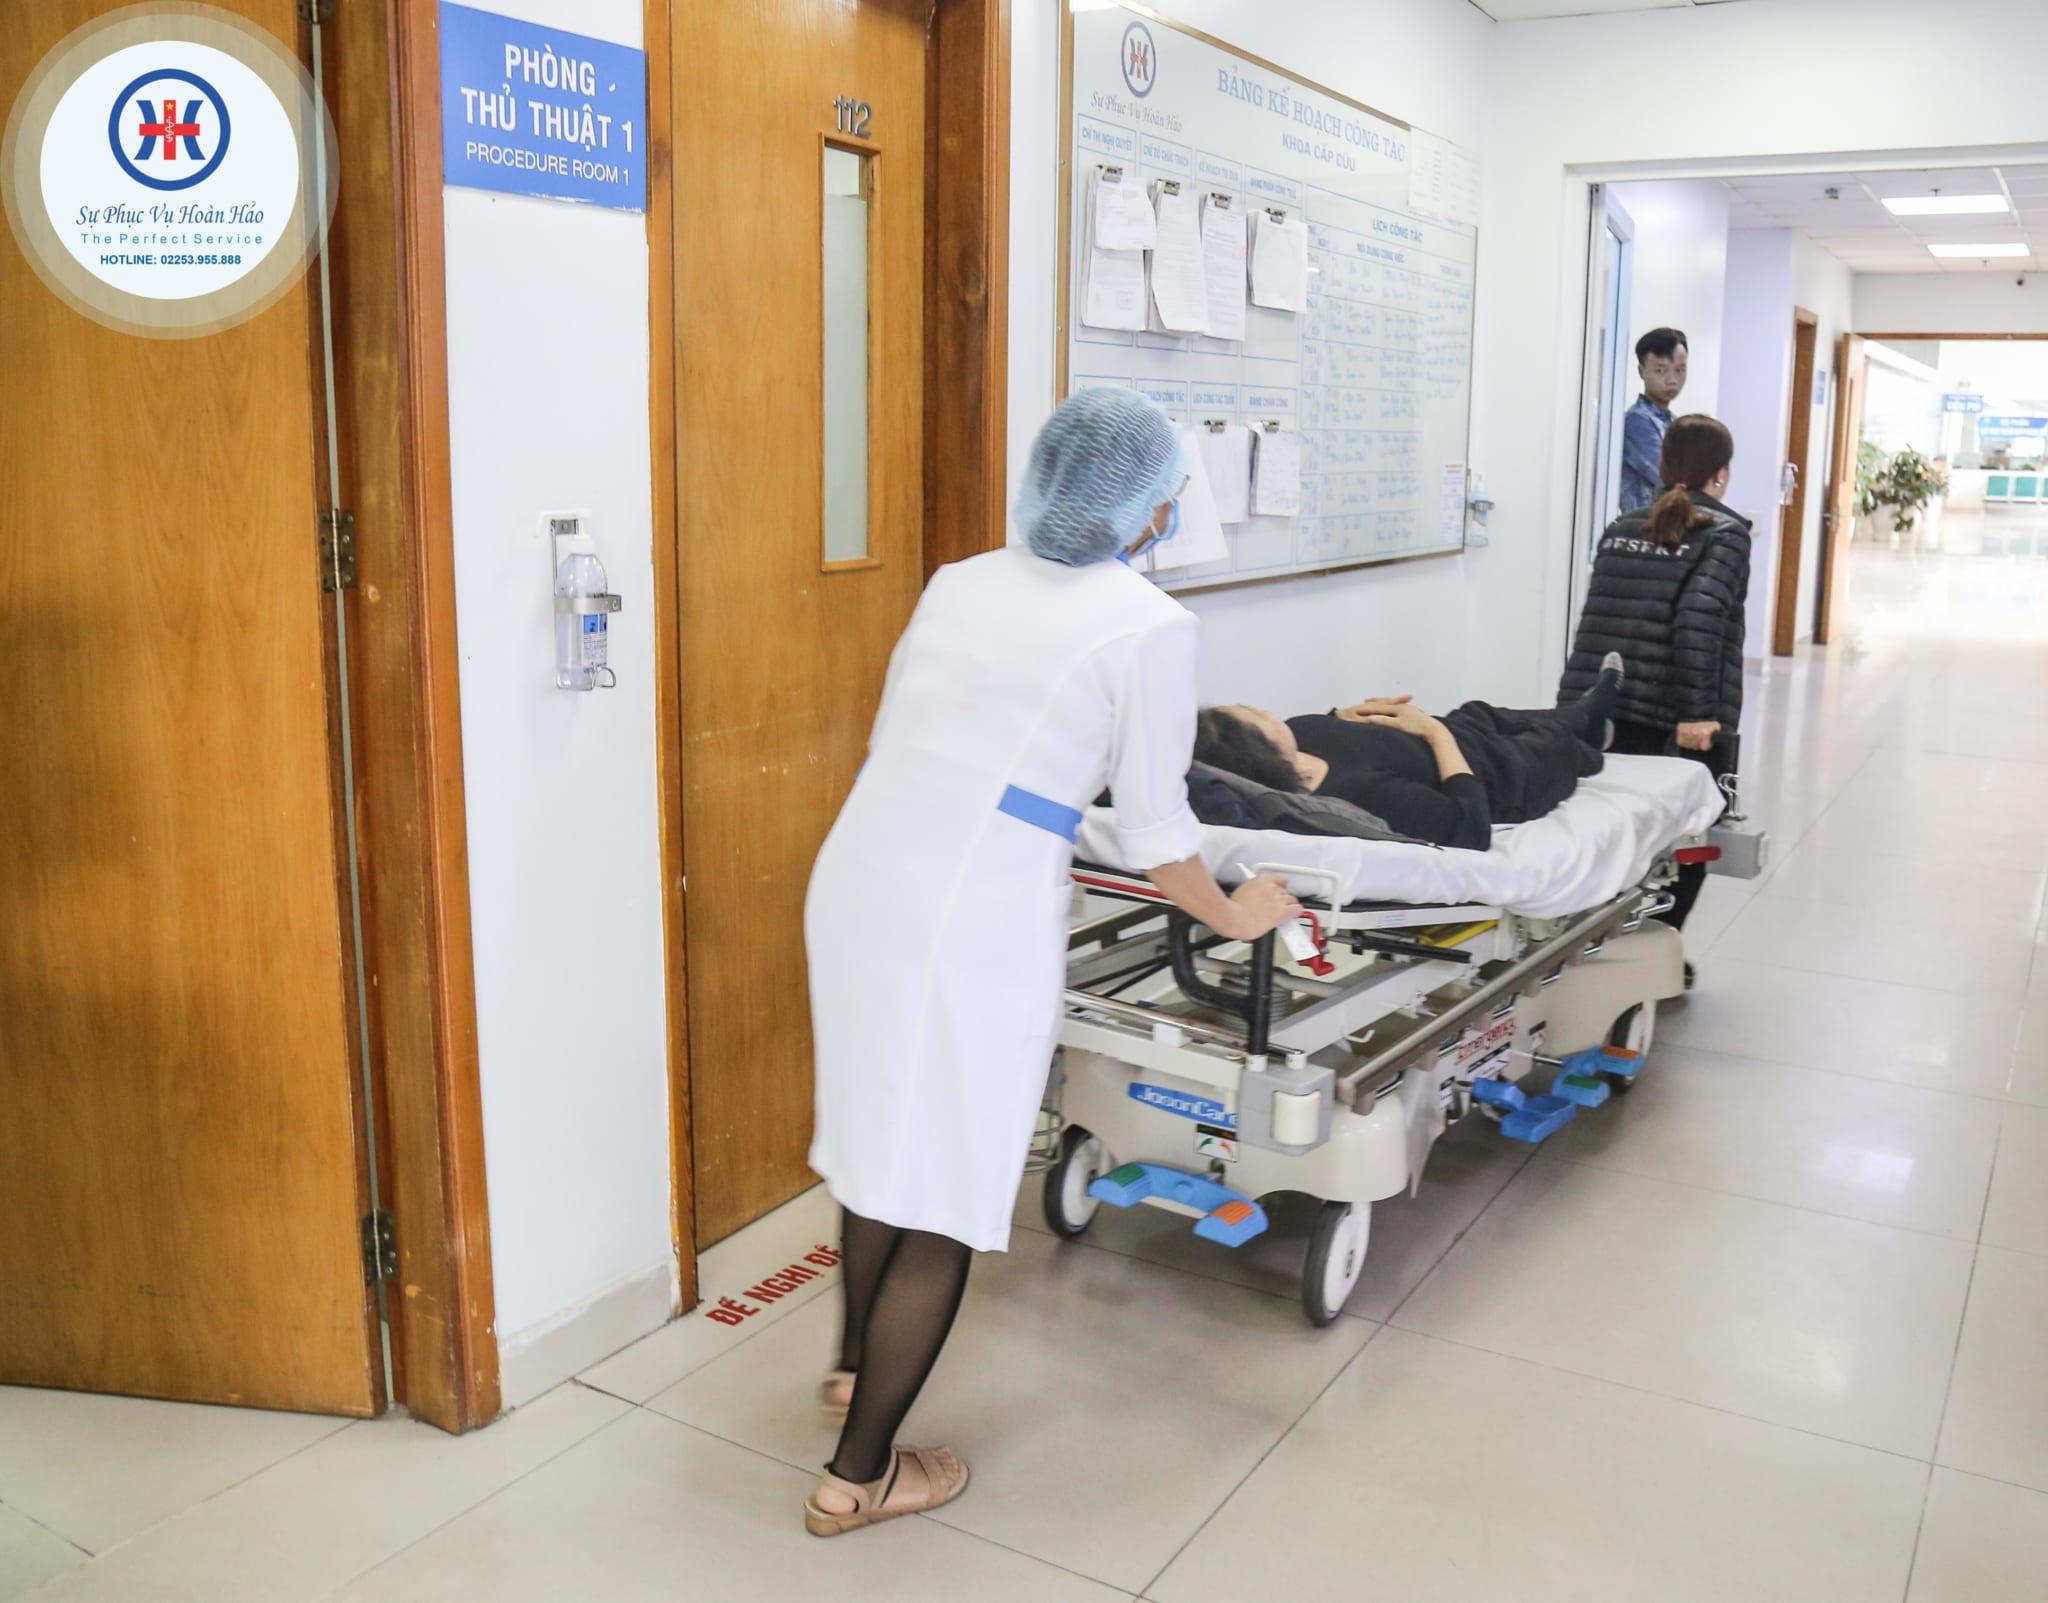 dịch vụ bệnh viện đa khoa Quốc tế hải Phòng